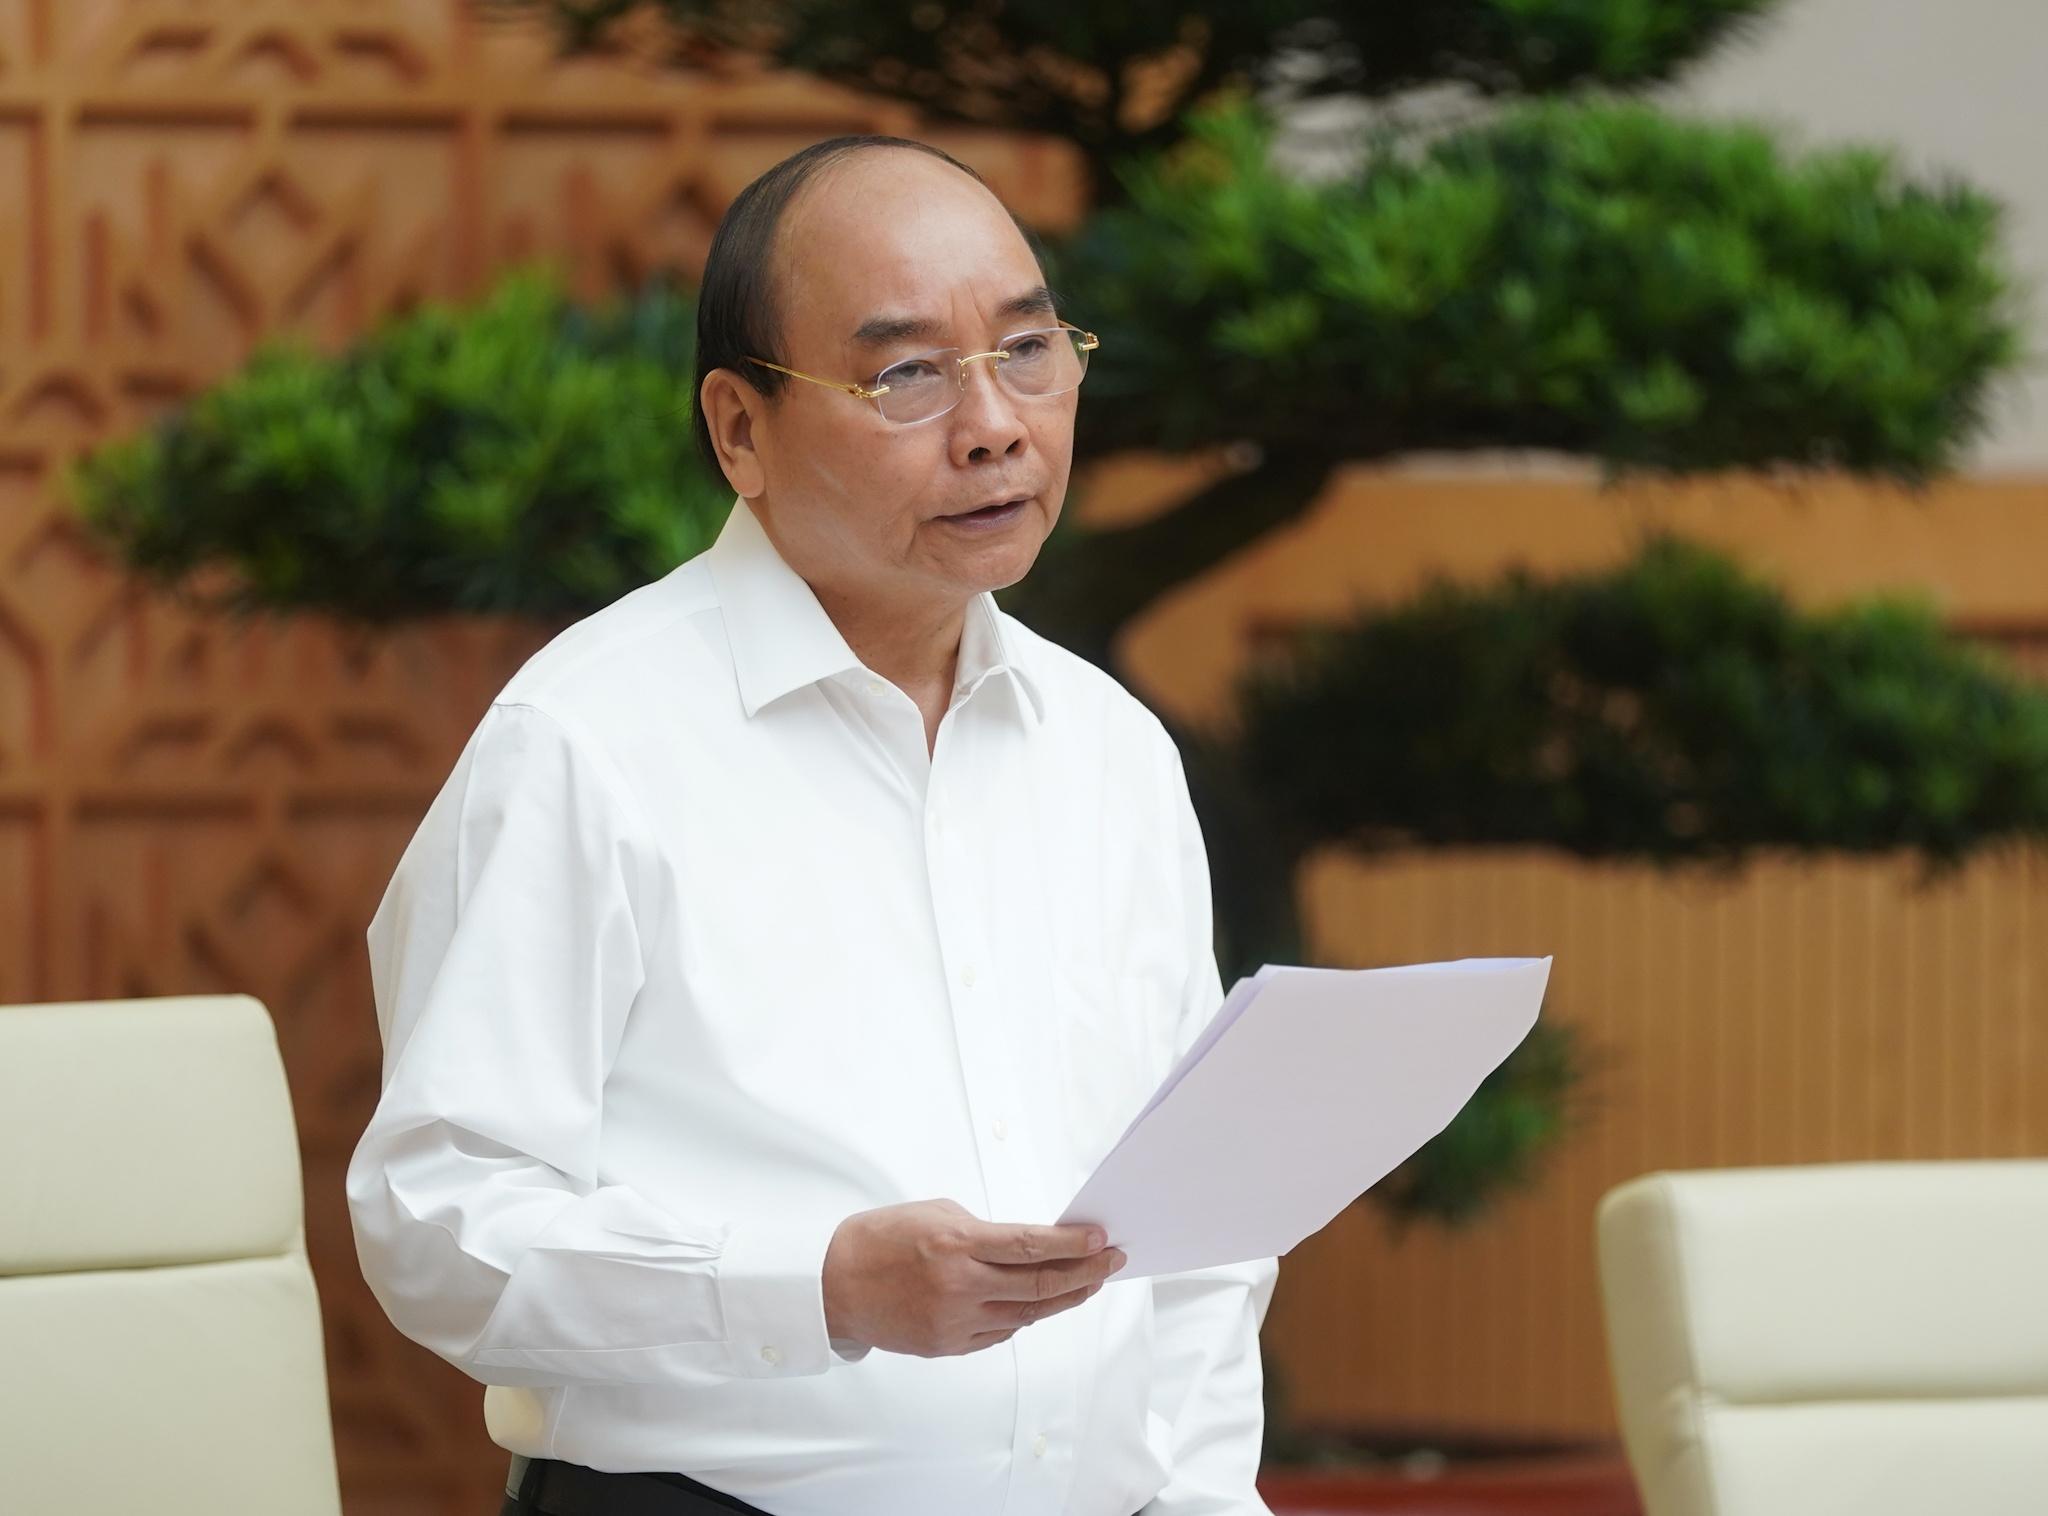 Thủ tướng nhấn mạnh quyết tâm đưa nền kinh tế vượt lên